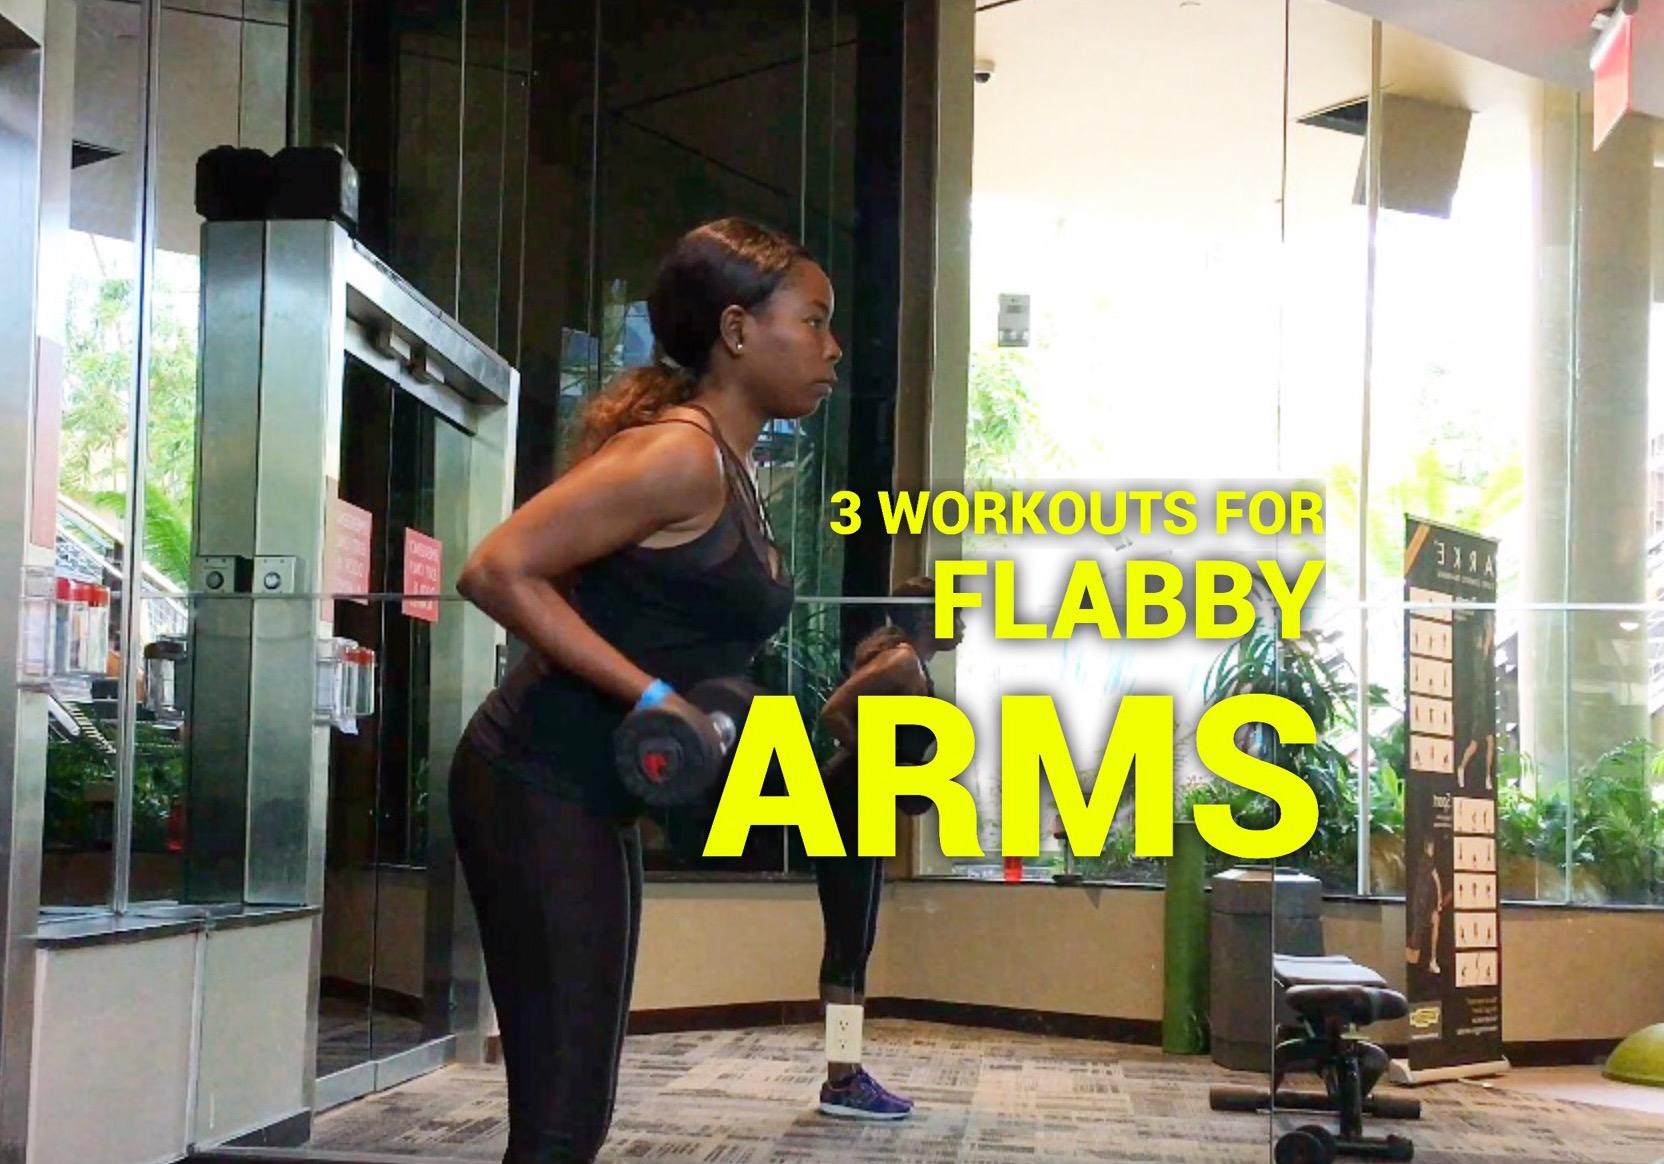 3 ejercicios para los tríceps (flacidez en los brazos)